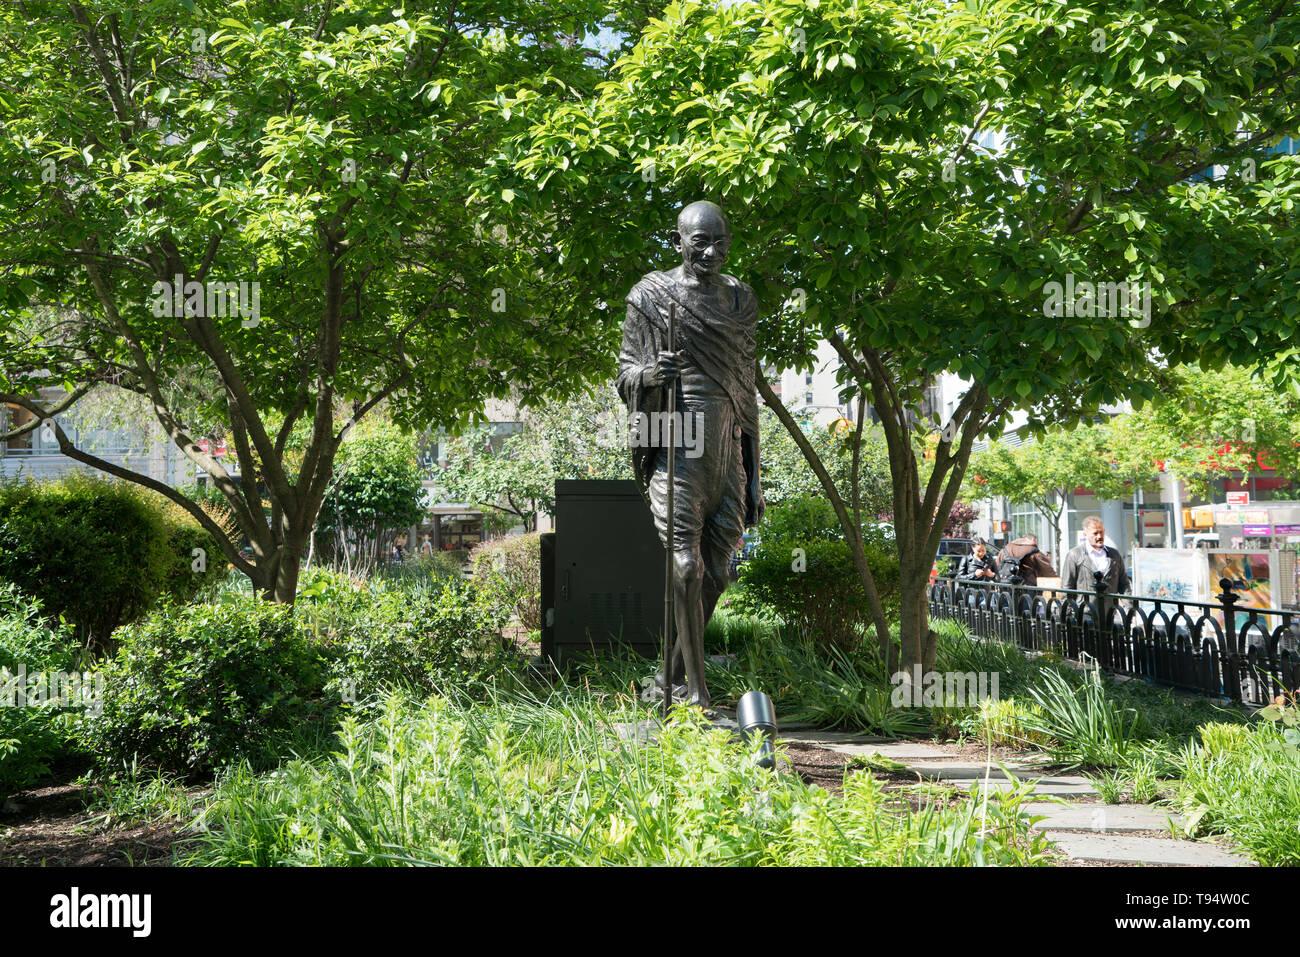 Una escultura de bronce en Union Square Park representando Mohandas Gandhi (1869-1948), fue consagrado el 2 de octubre de 1986, el 117º aniversario del nacimiento de Gandhi. Foto de stock